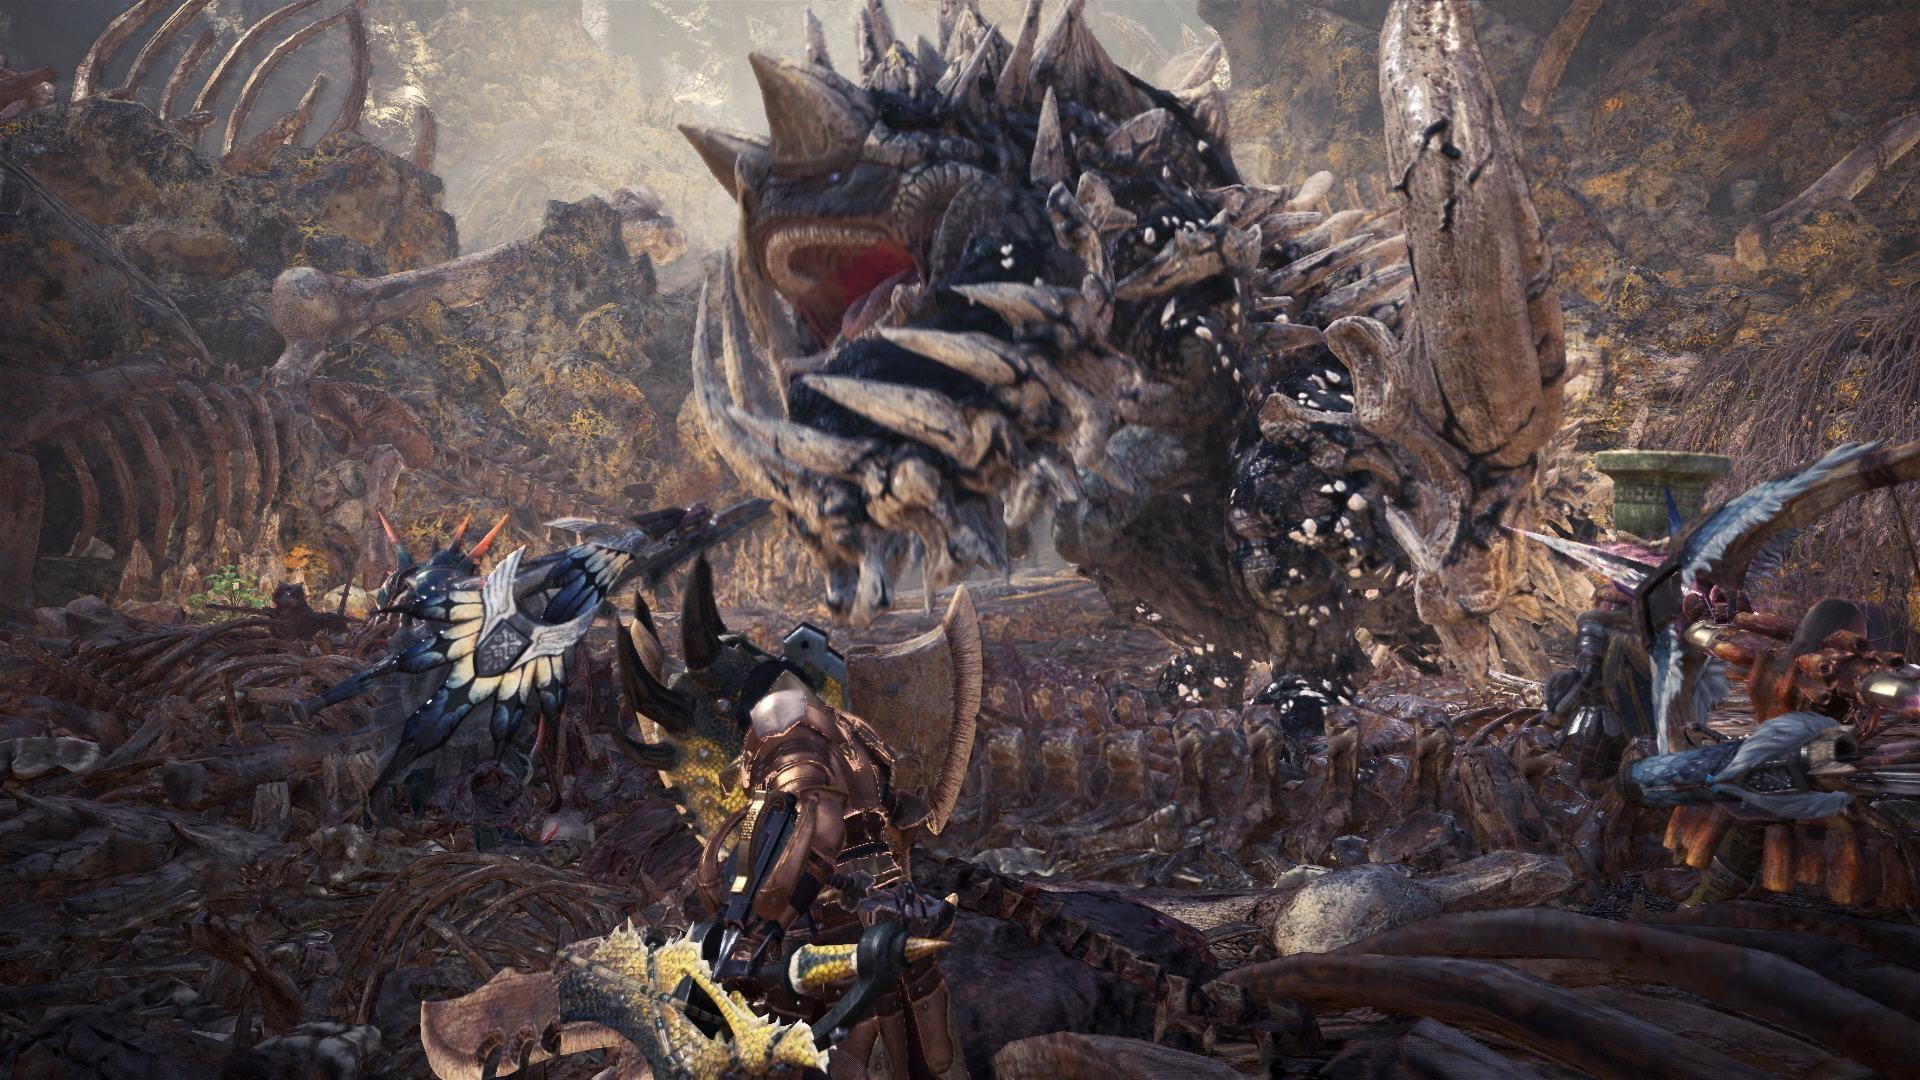 New Monster Hunter World trailer and screenshots > GamersBook